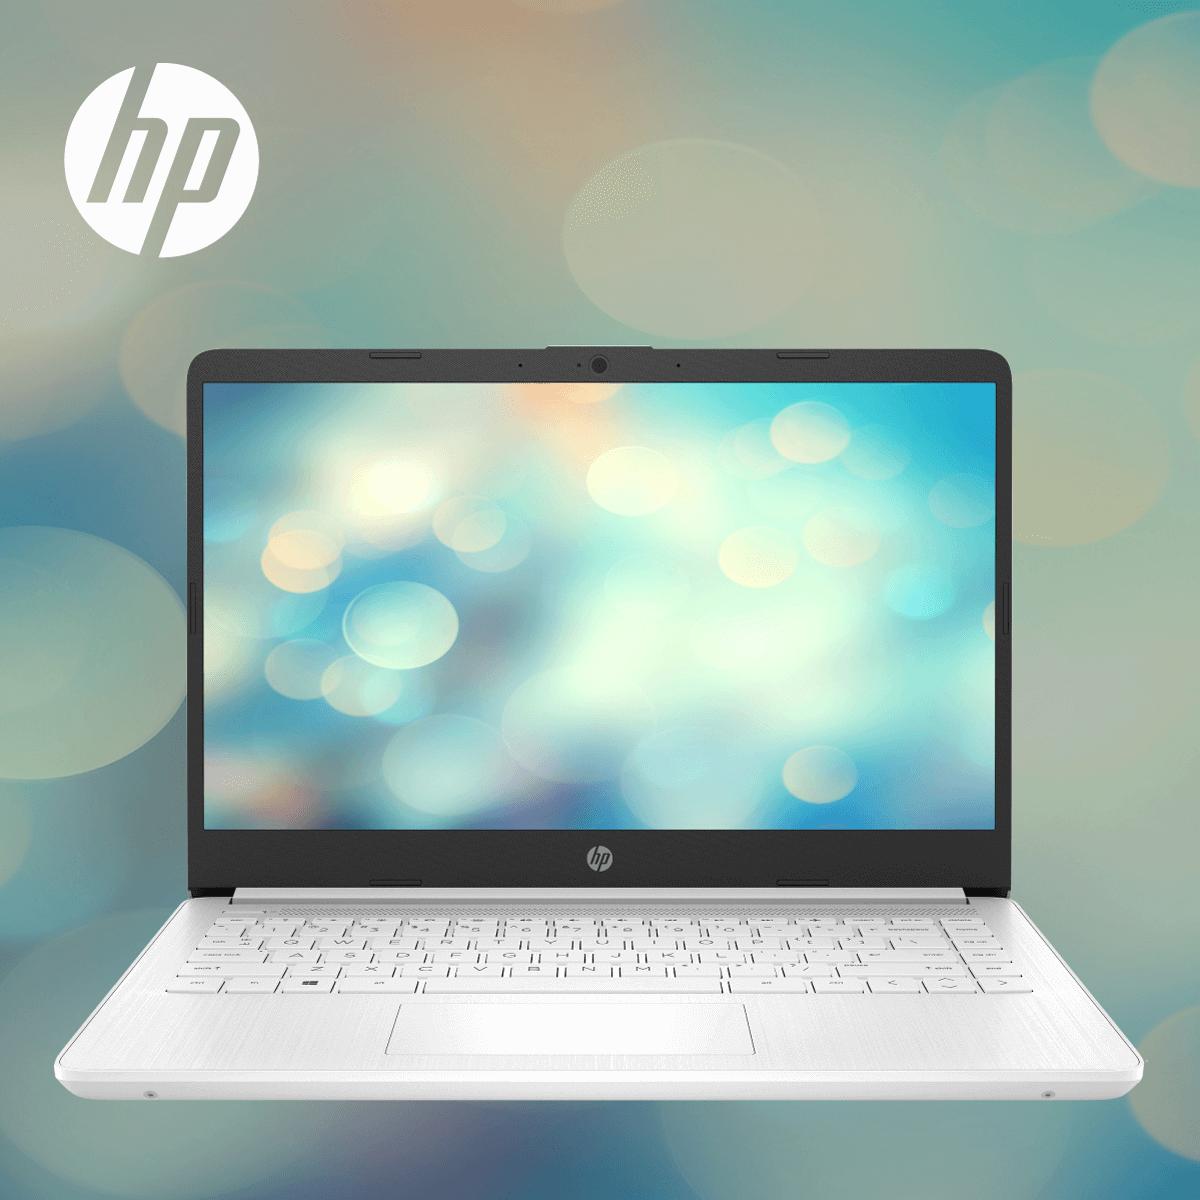 HP 14s (i5, SnowFlake White)